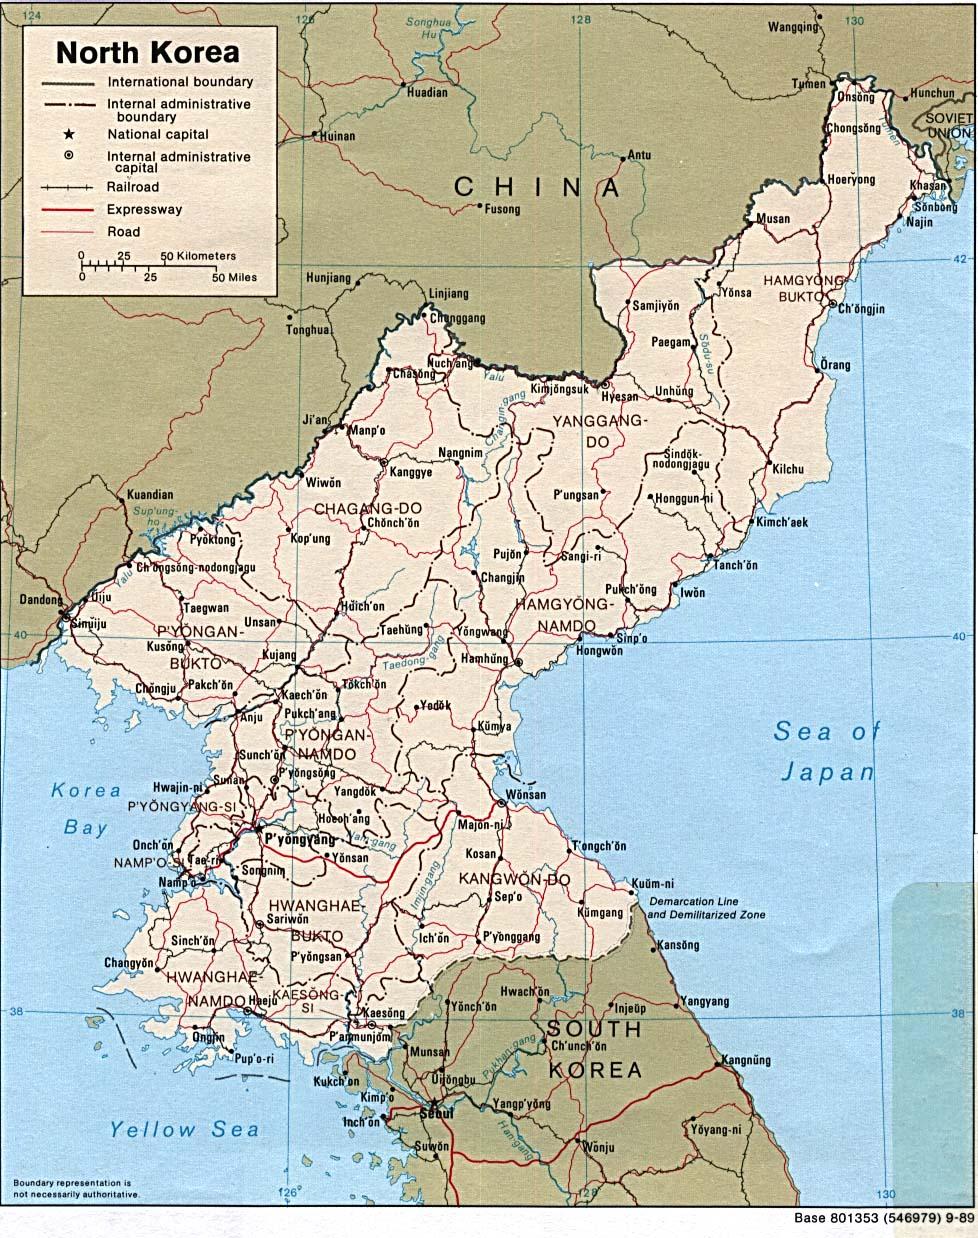 nordkorea landkarte Landkarte von Nordkorea (1989, Englisch) | Weltatlas nordkorea landkarte